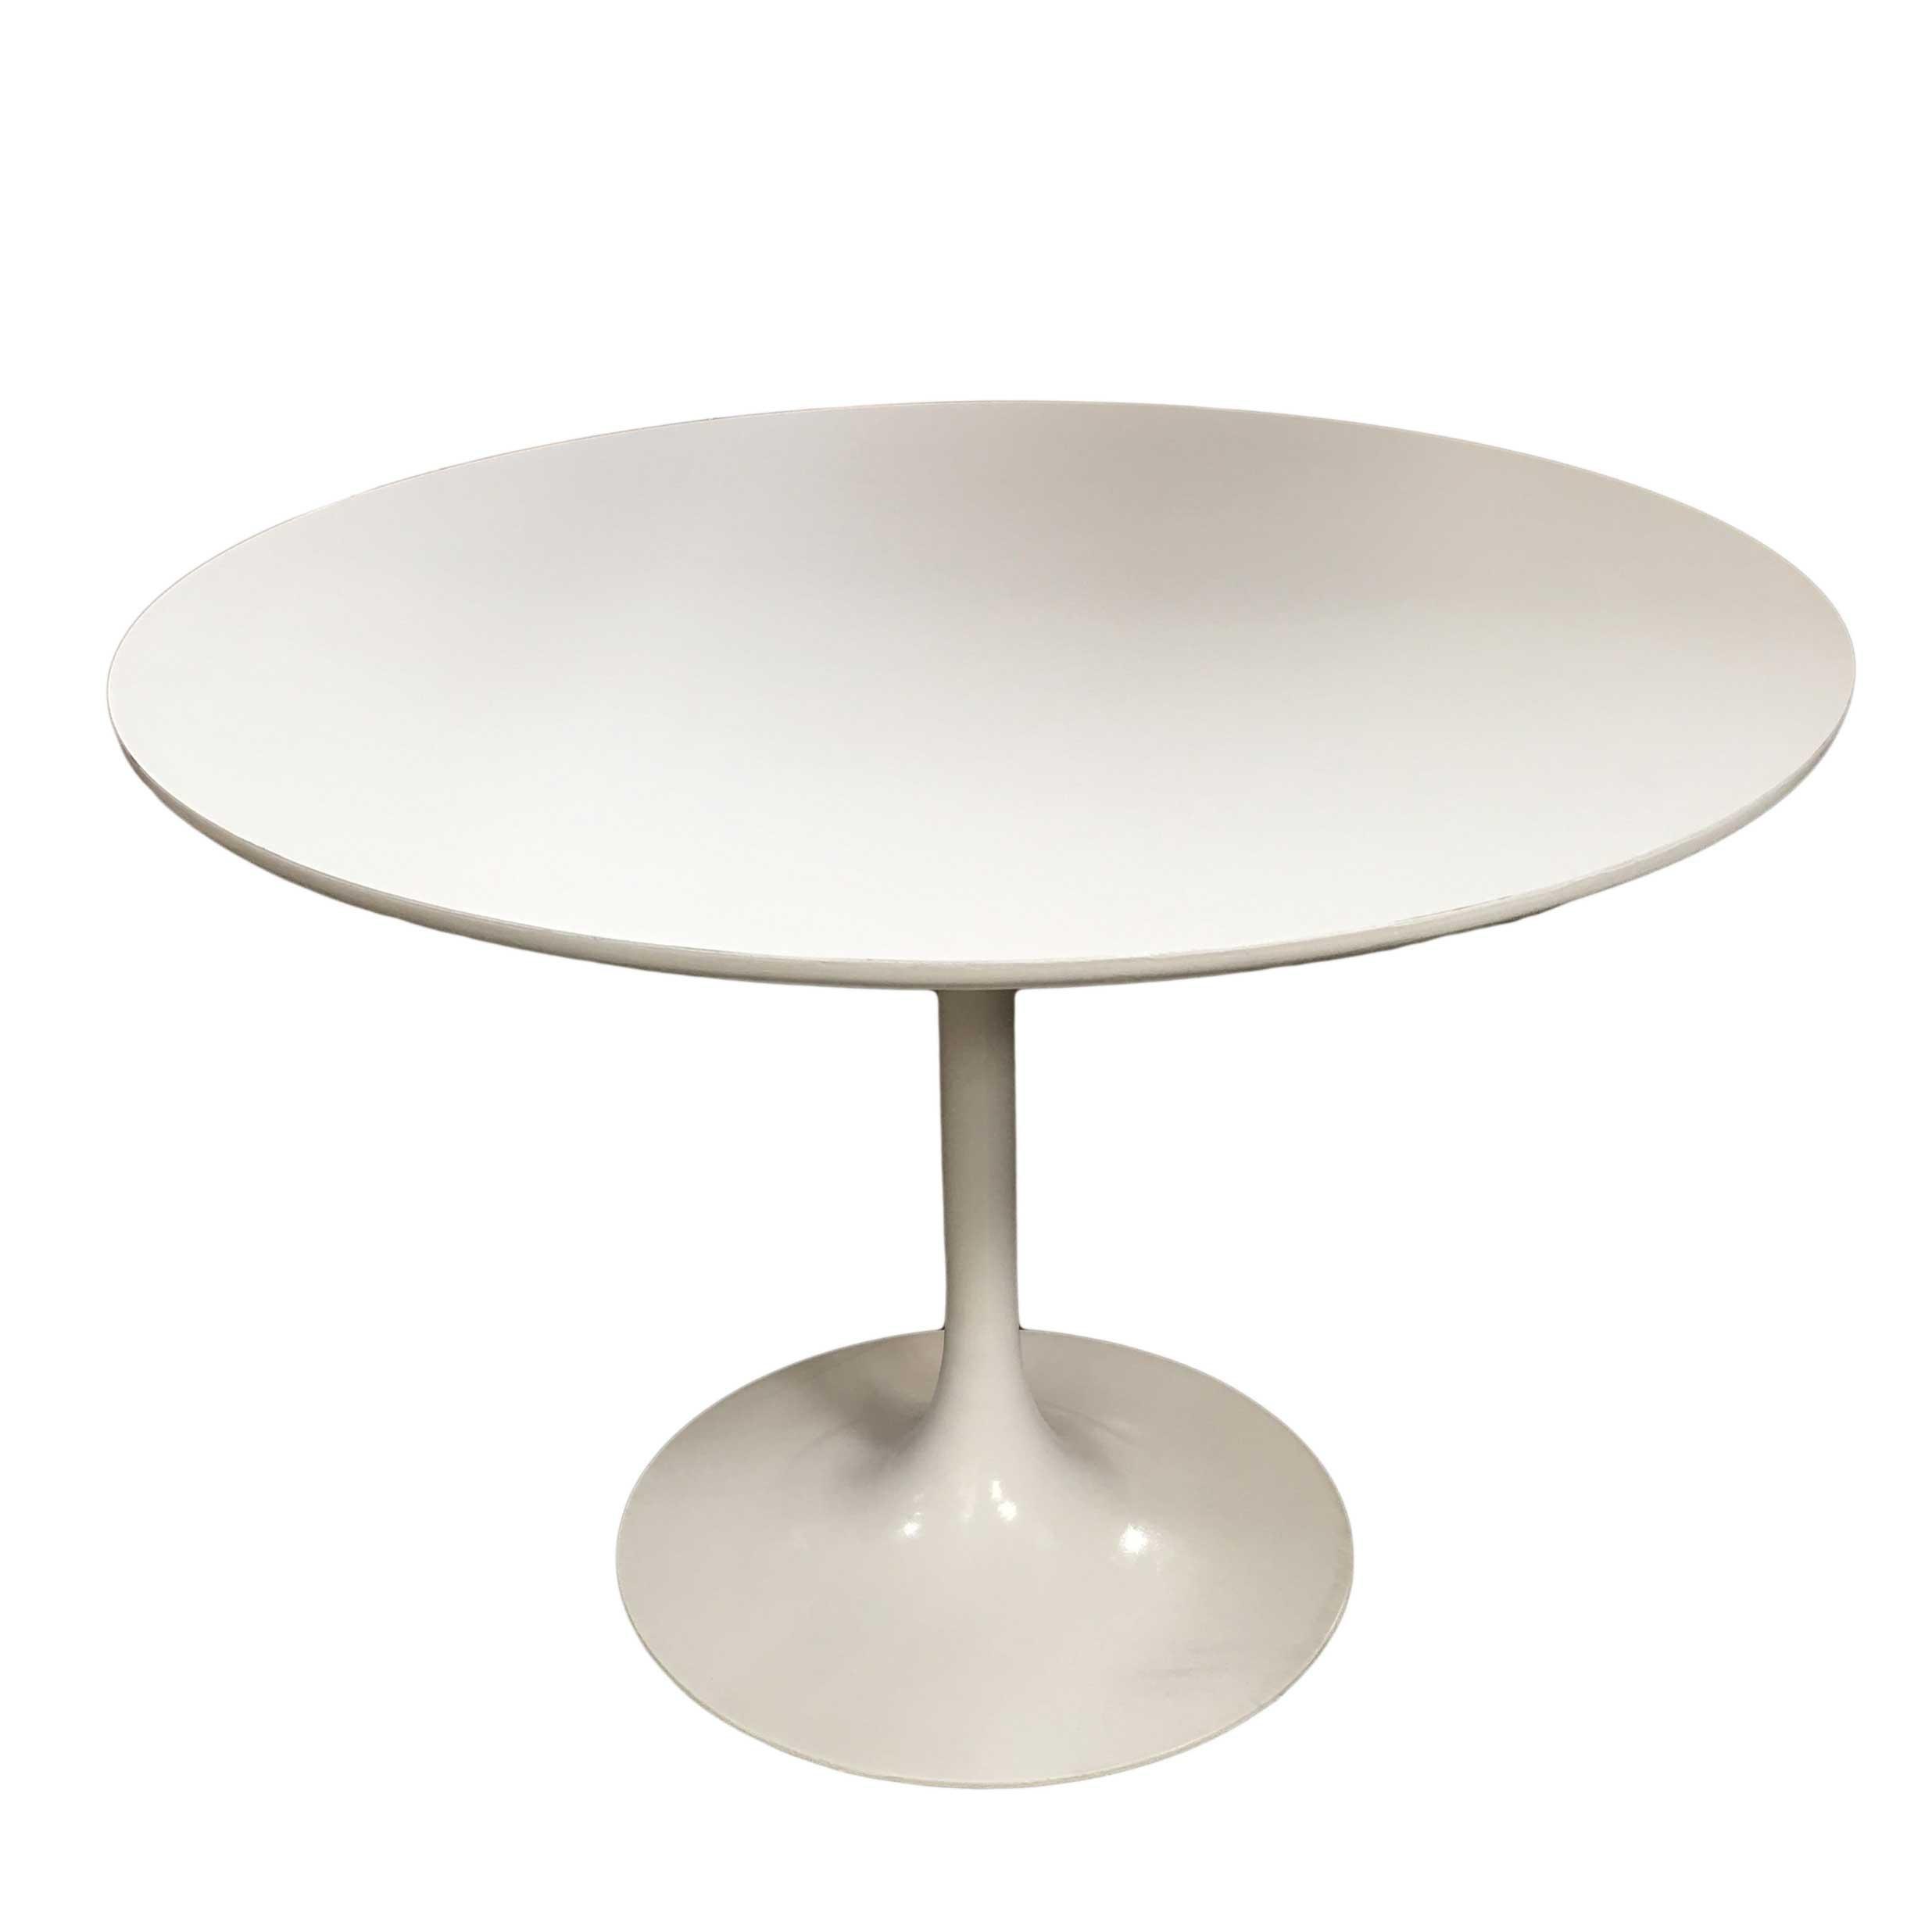 """Eero Saarinen """"Tulip"""" Dining Table for Knoll"""